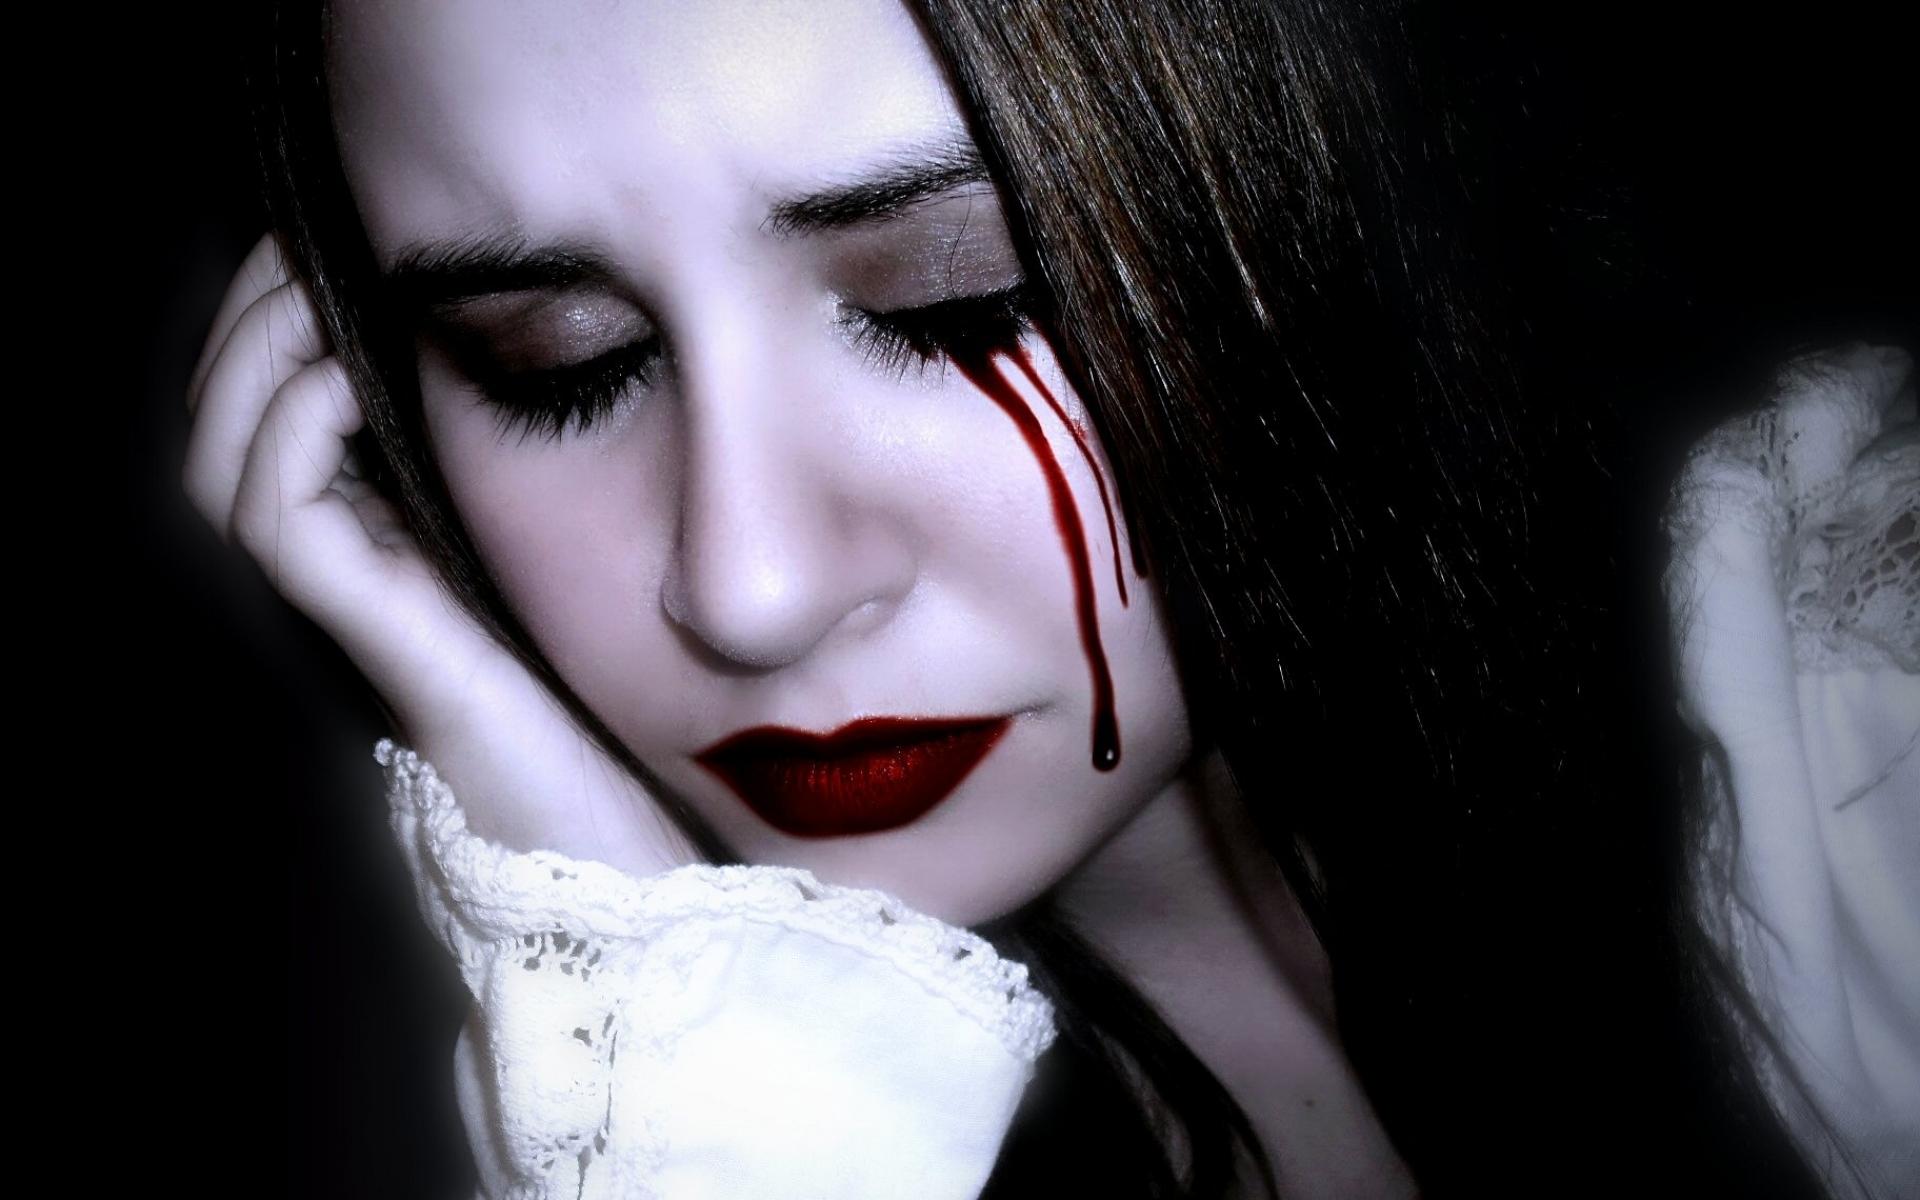 goth cry